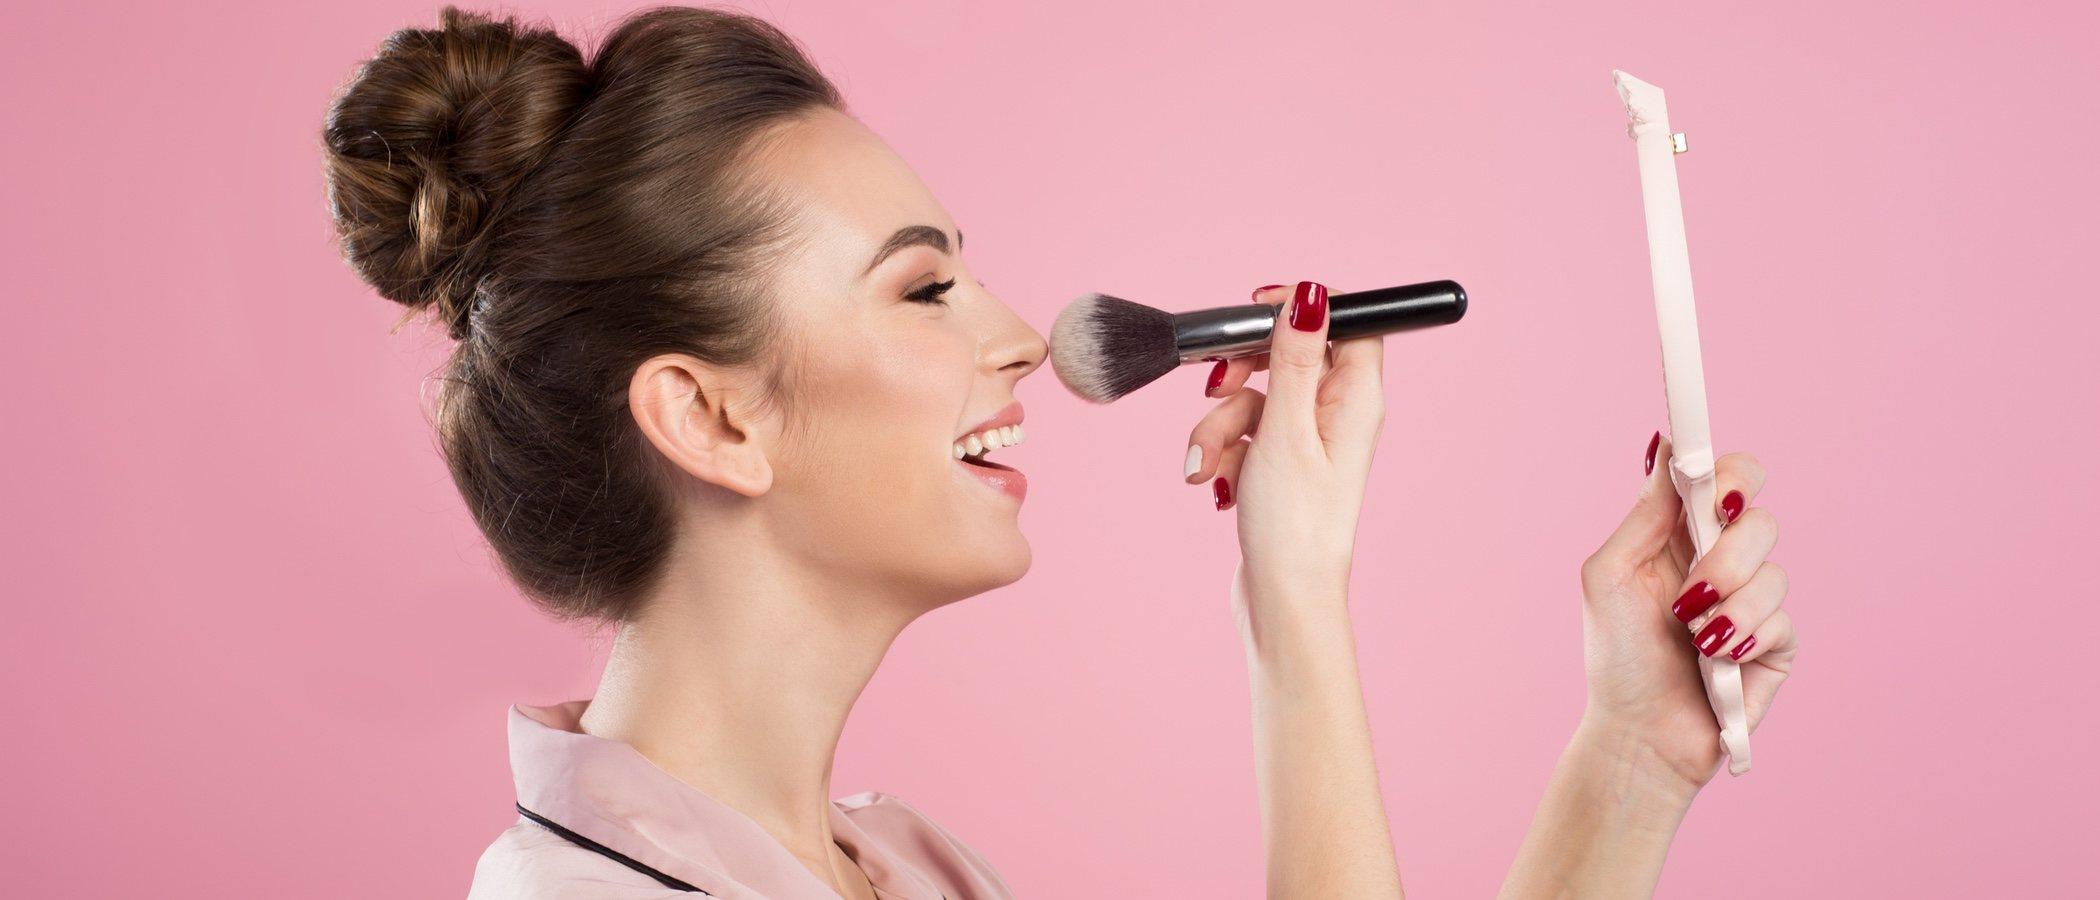 Cómo maquillarse la nariz para que parezca más pequeña